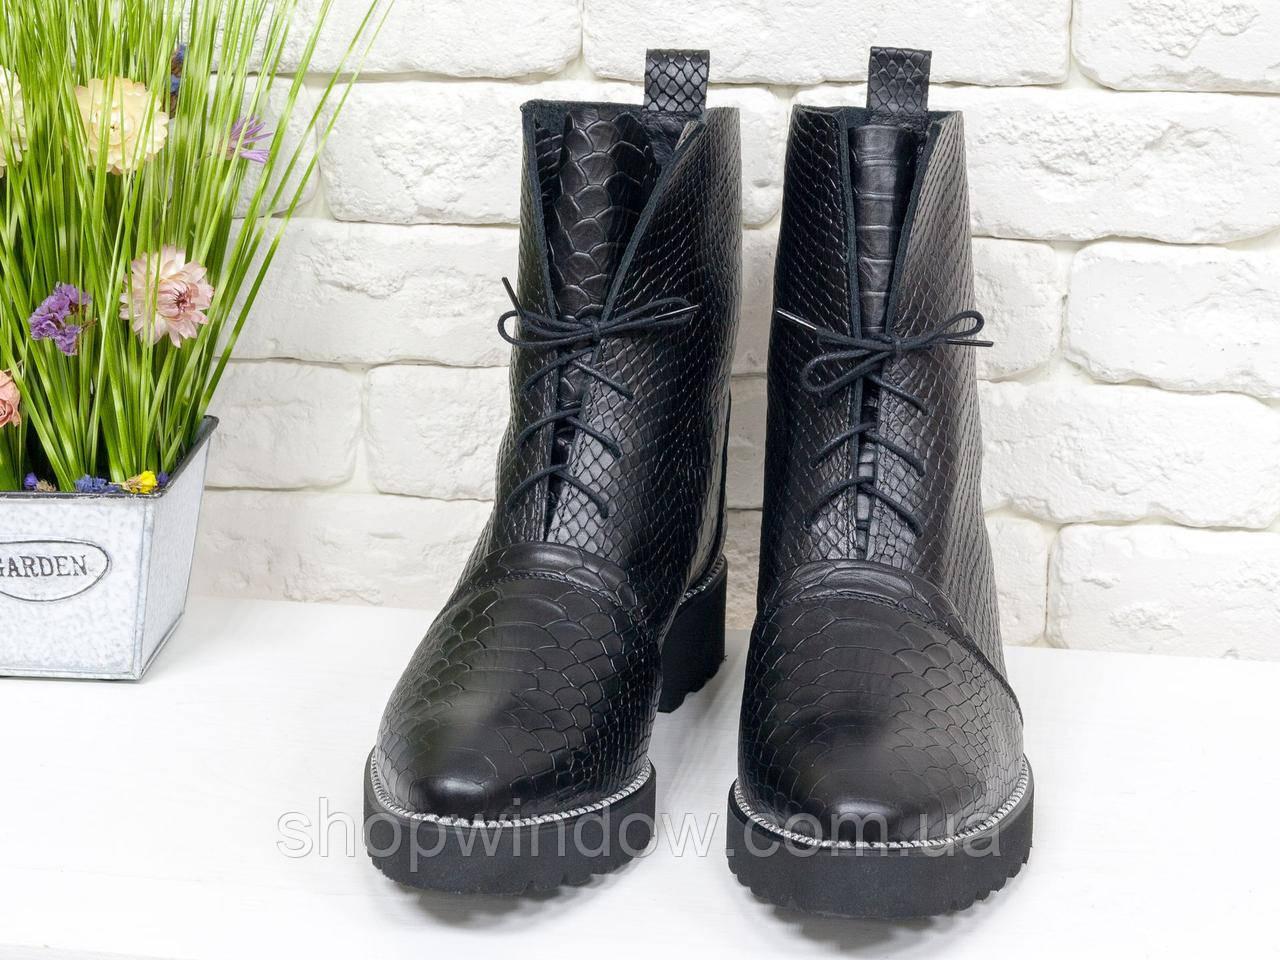 057eb5b23 Женские Ботинки на шнуровке черного цвета из натуральной кожи. Ботинки  женские зима ...